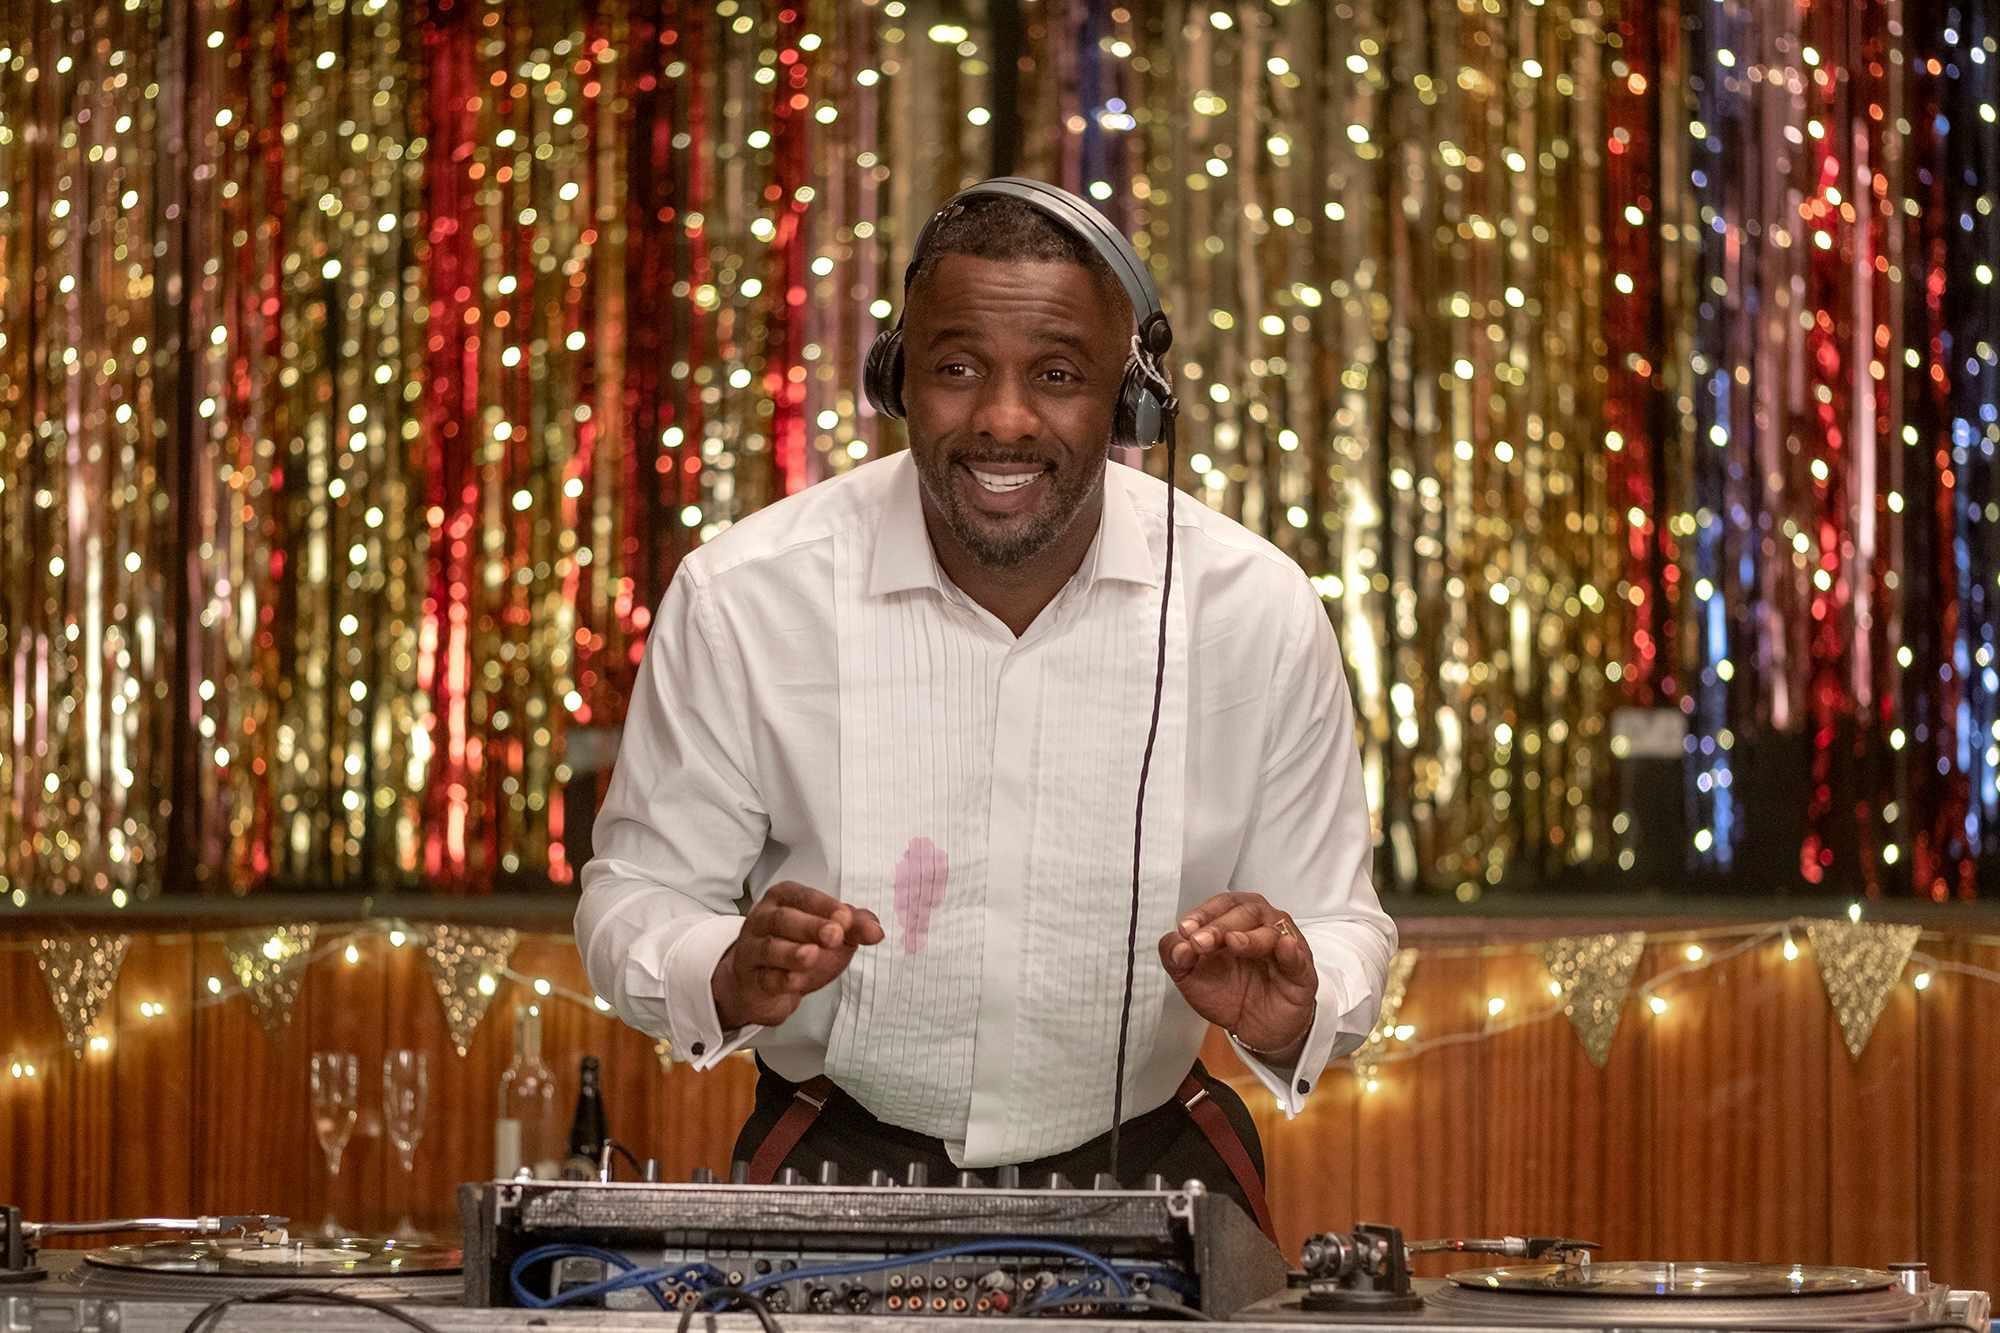 Idris Elba in new Netflix series Turn Up Charlie (Netflix)